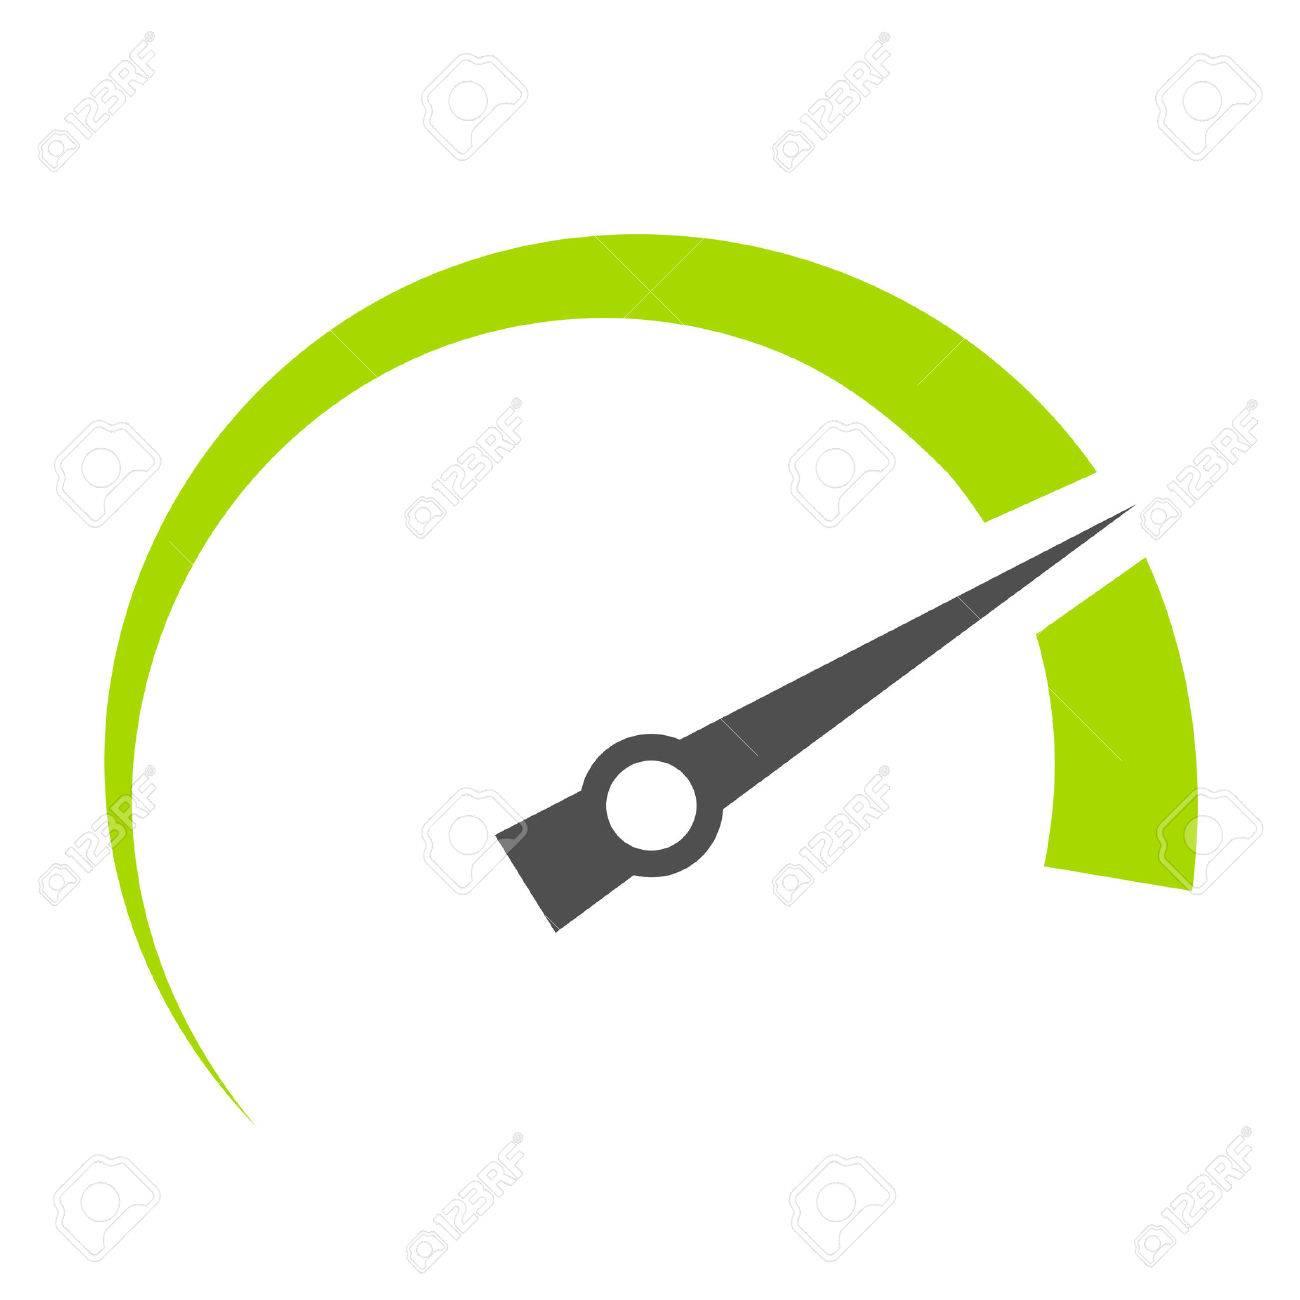 speedometer vector symbol royalty free cliparts vectors and stock rh 123rf com speedometer vector free download vector speedometer mobil